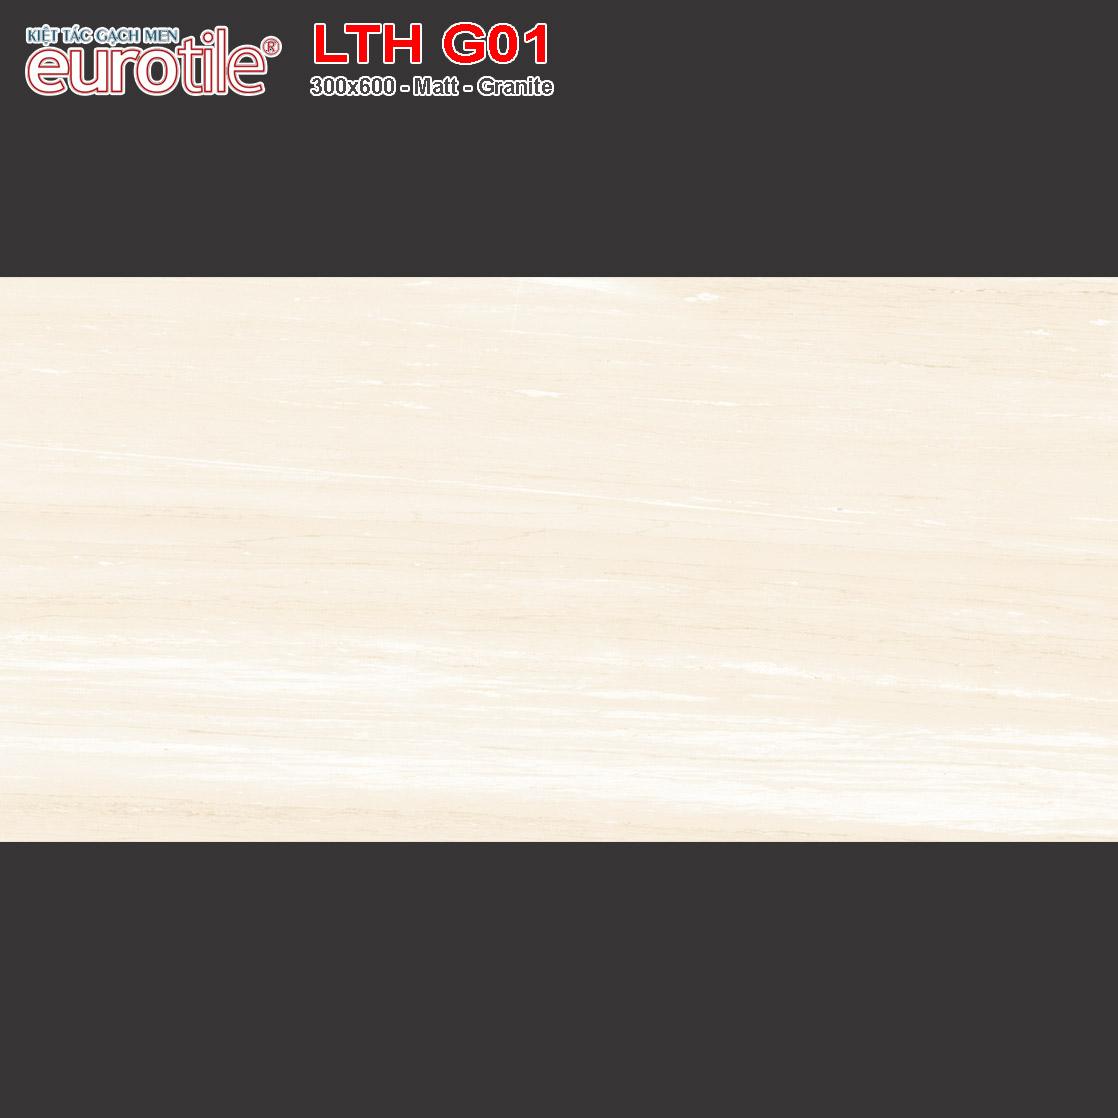 Gạch ốp lát 300x600 Eurotile Lưu Thủy LTH G01 giá rẻ